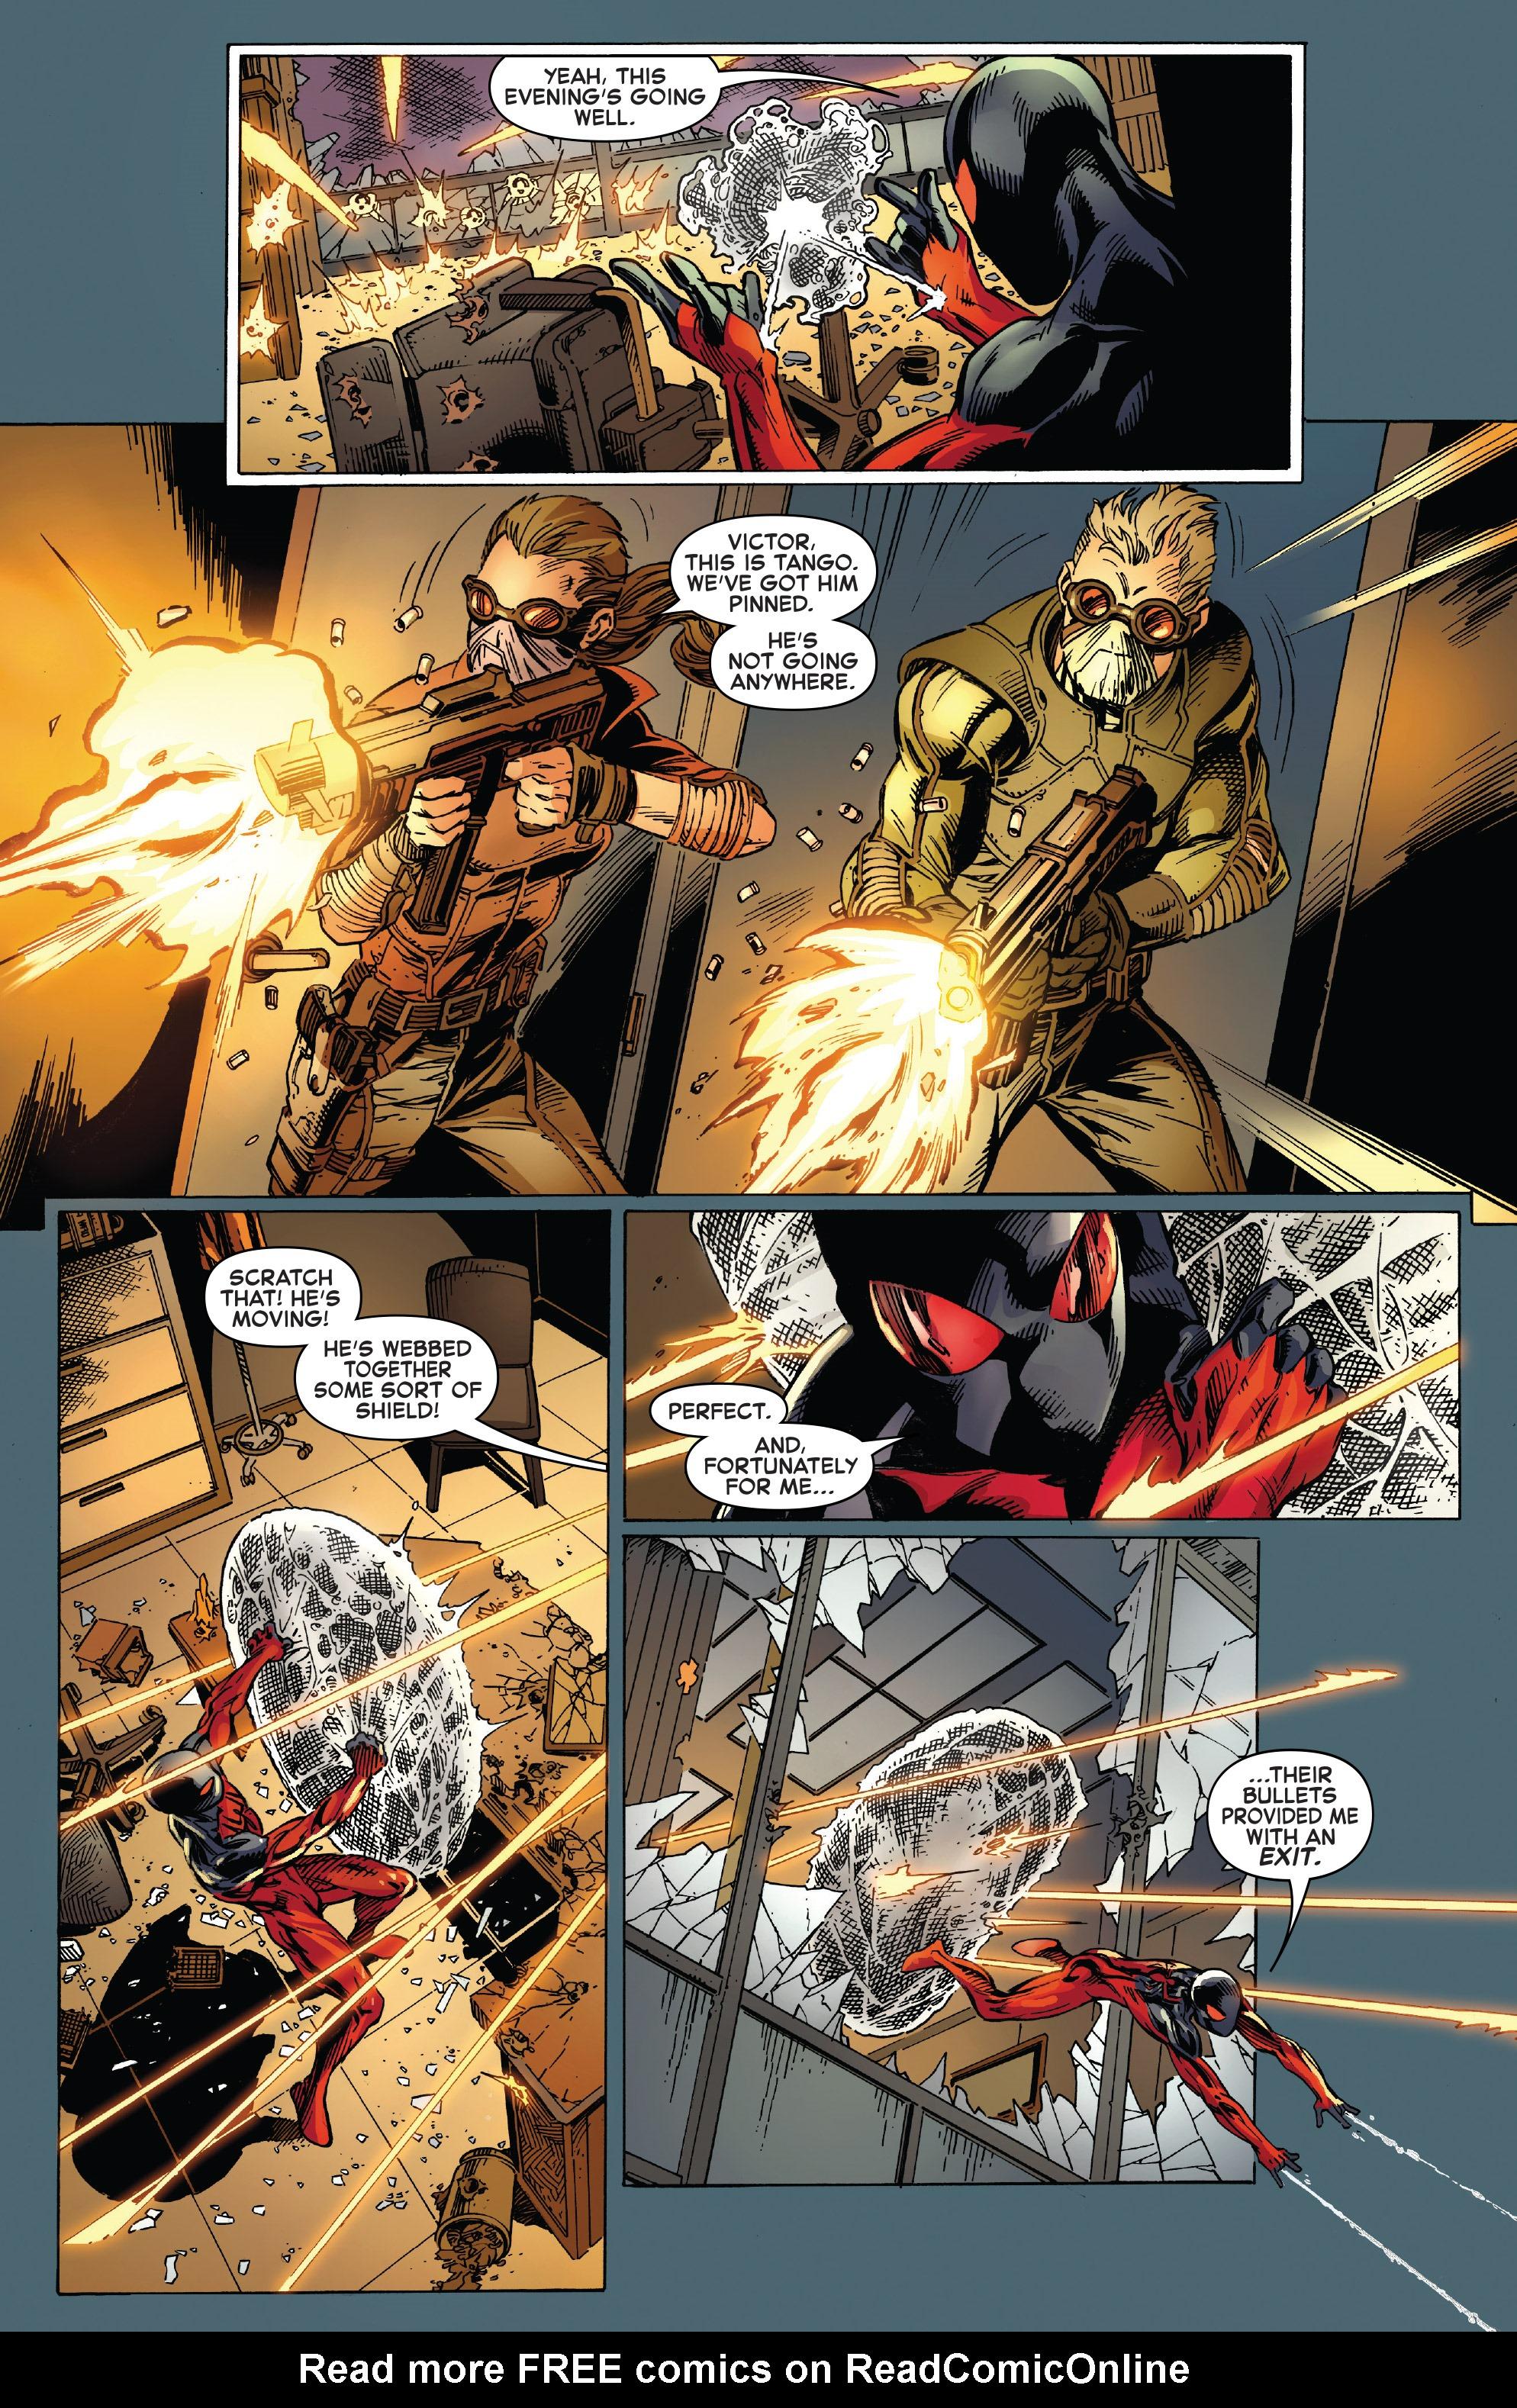 Read online Ben Reilly: Scarlet Spider comic -  Issue #3 - 5